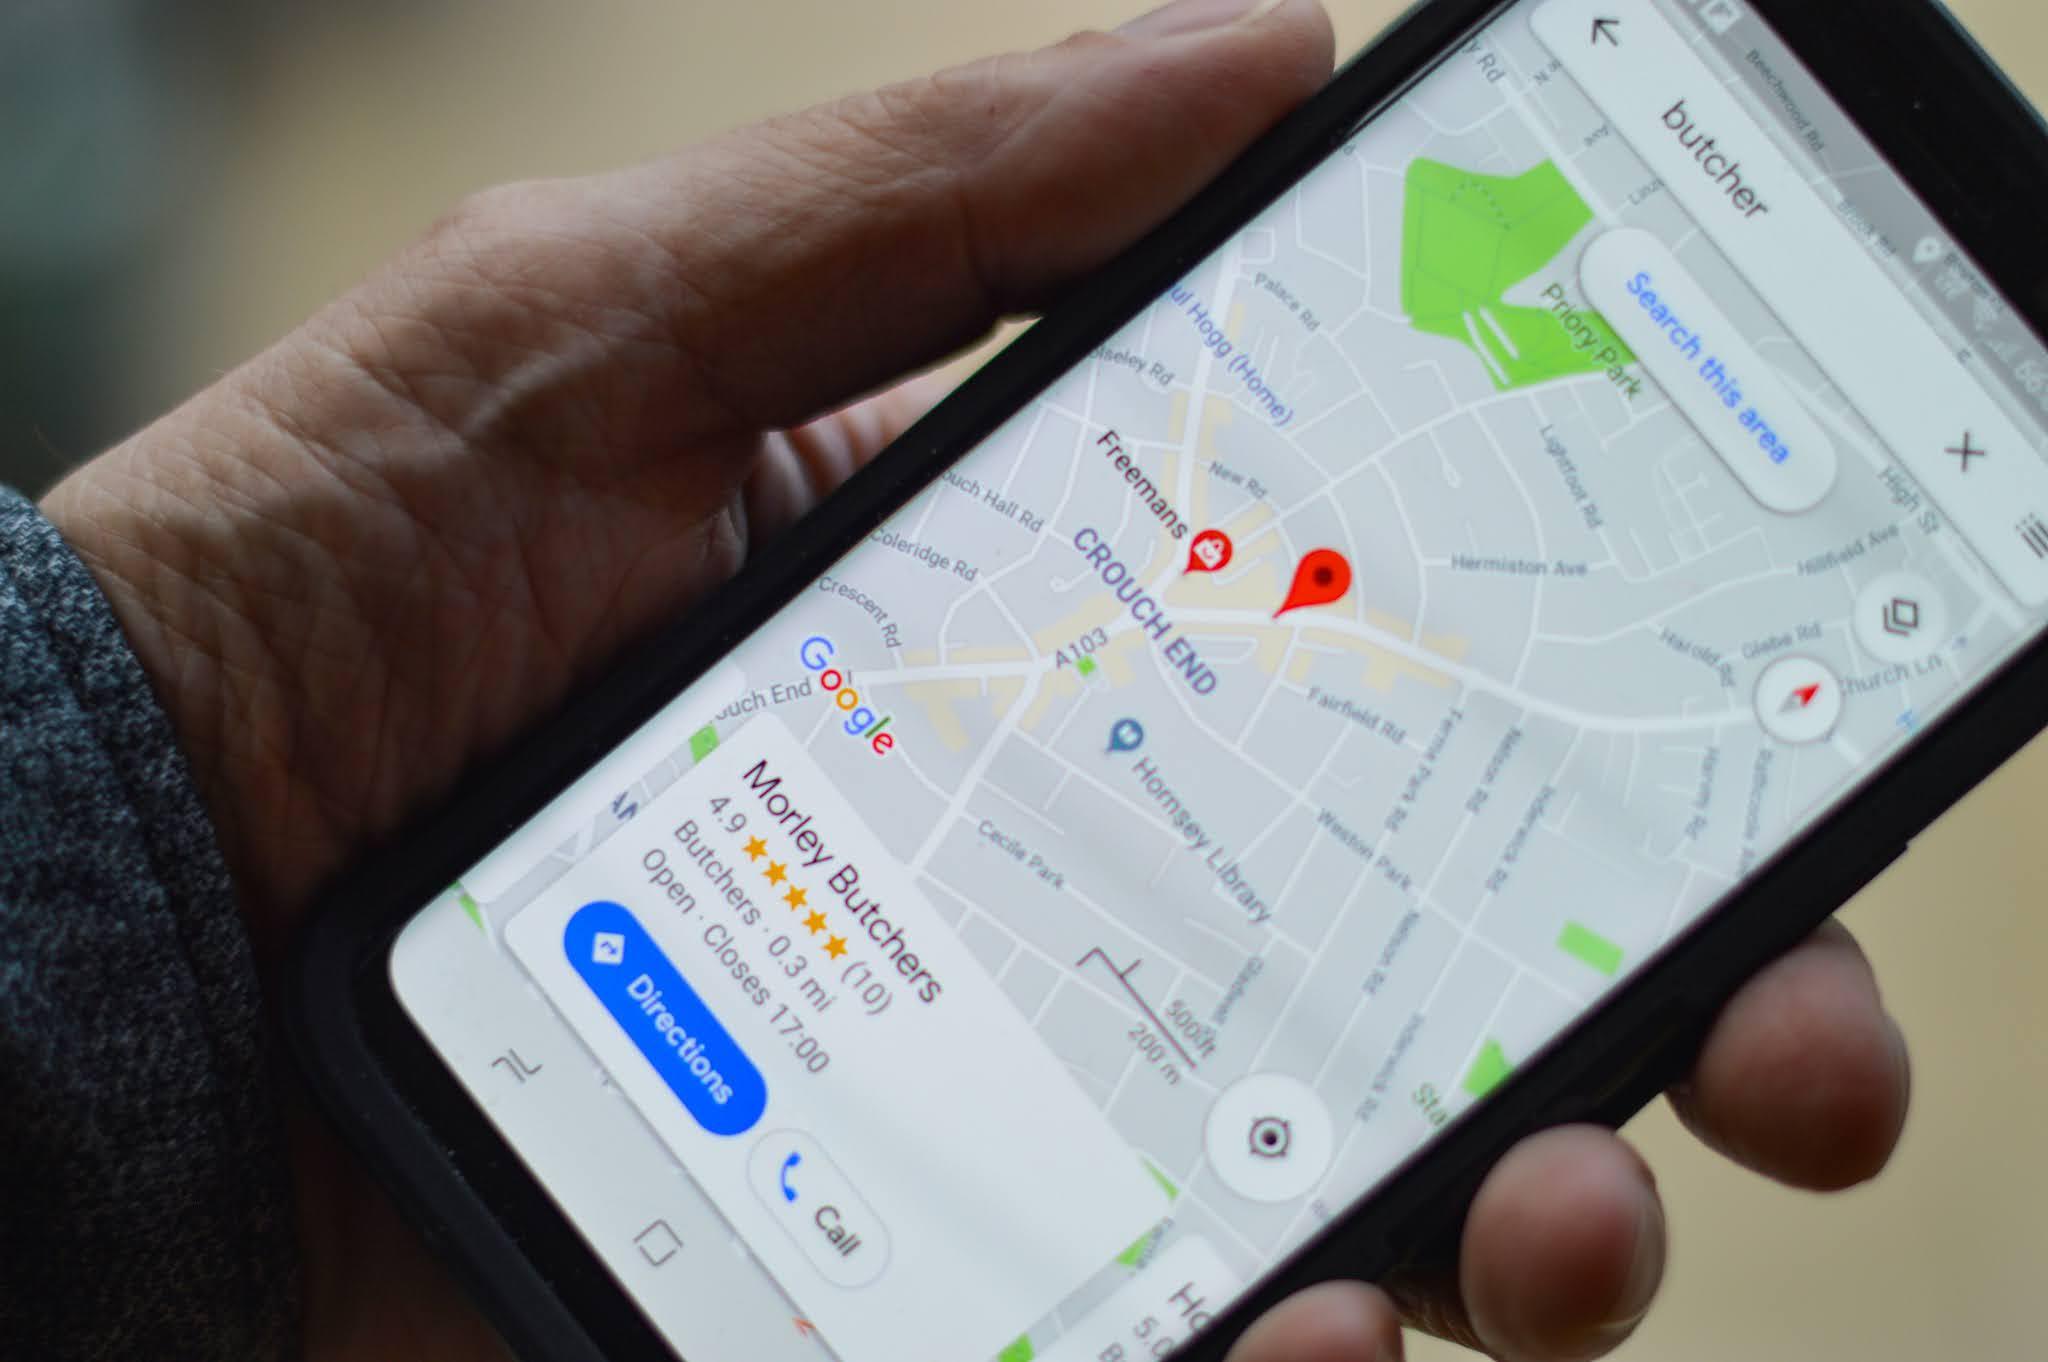 طريقة استخدام خرائط جوجل على الاندرويد؟